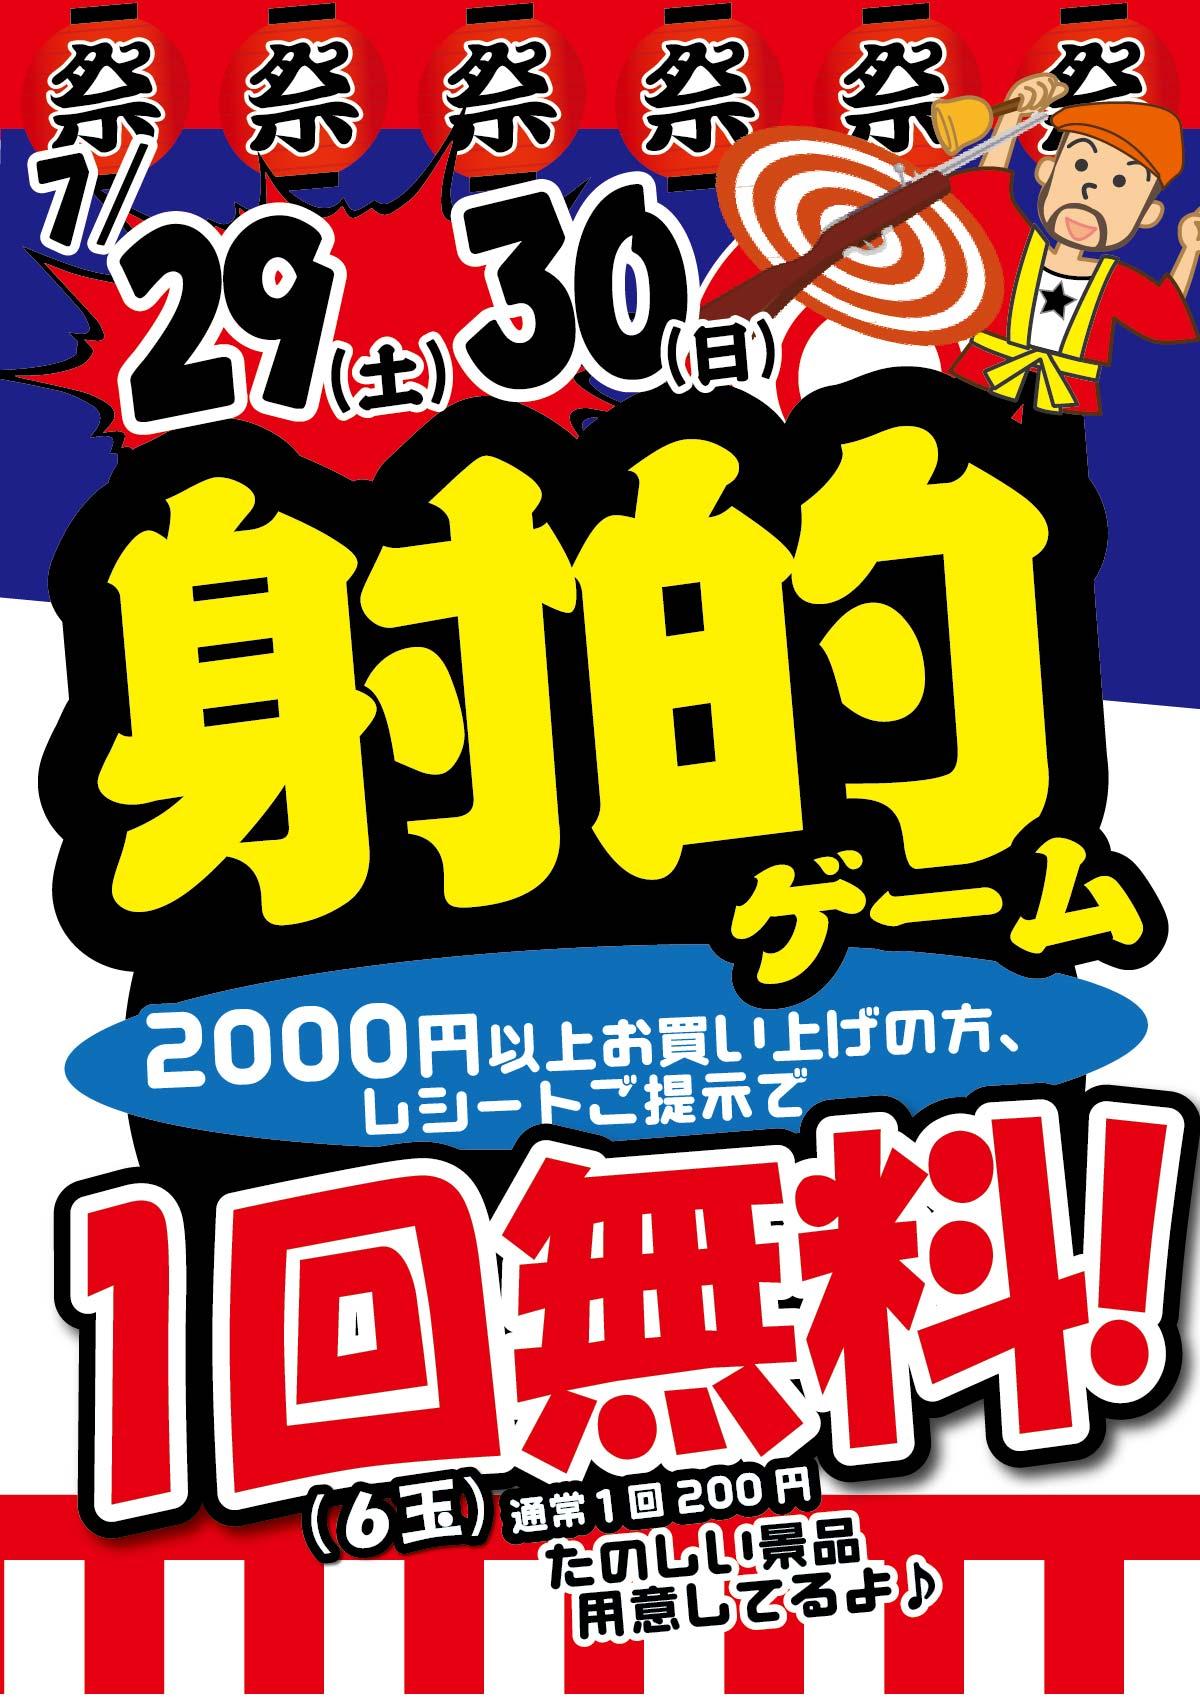 「開放倉庫米子店」2017年7月29、30日(土、日)射的ゲーム開催!2000円以上のお買上げの方、レシートご提示で1回無料(6玉)!たのしい景品用意してるよ♪